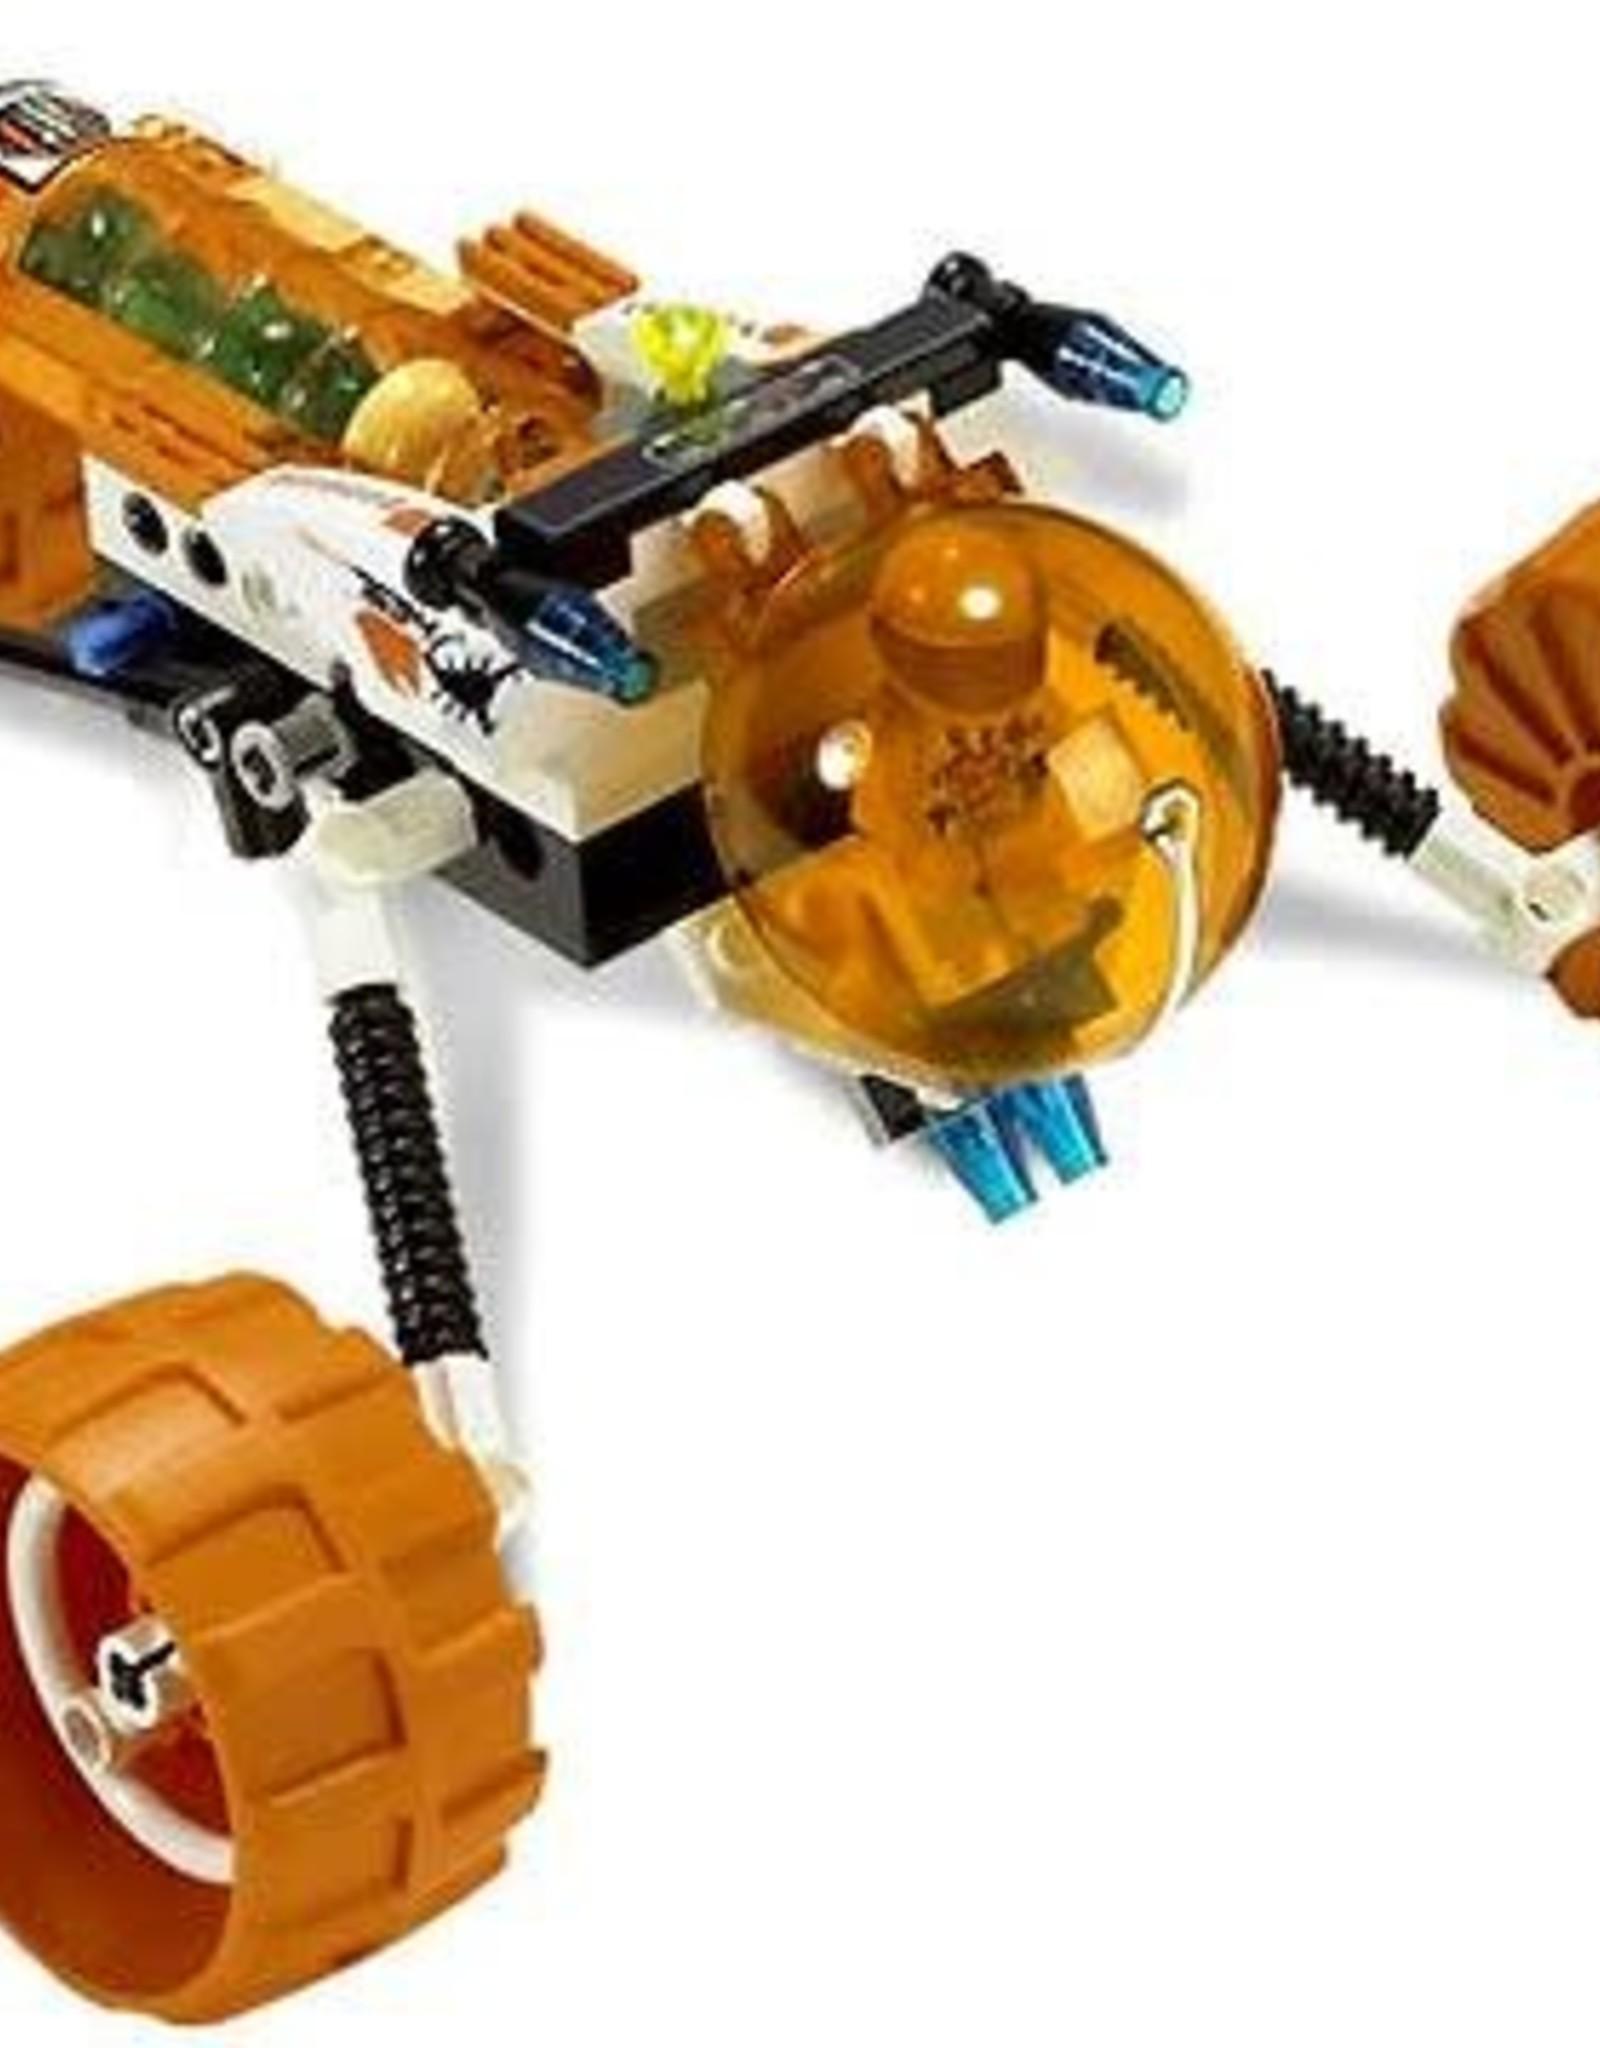 LEGO LEGO 7694 MT-31 Trike  MARS MISSION